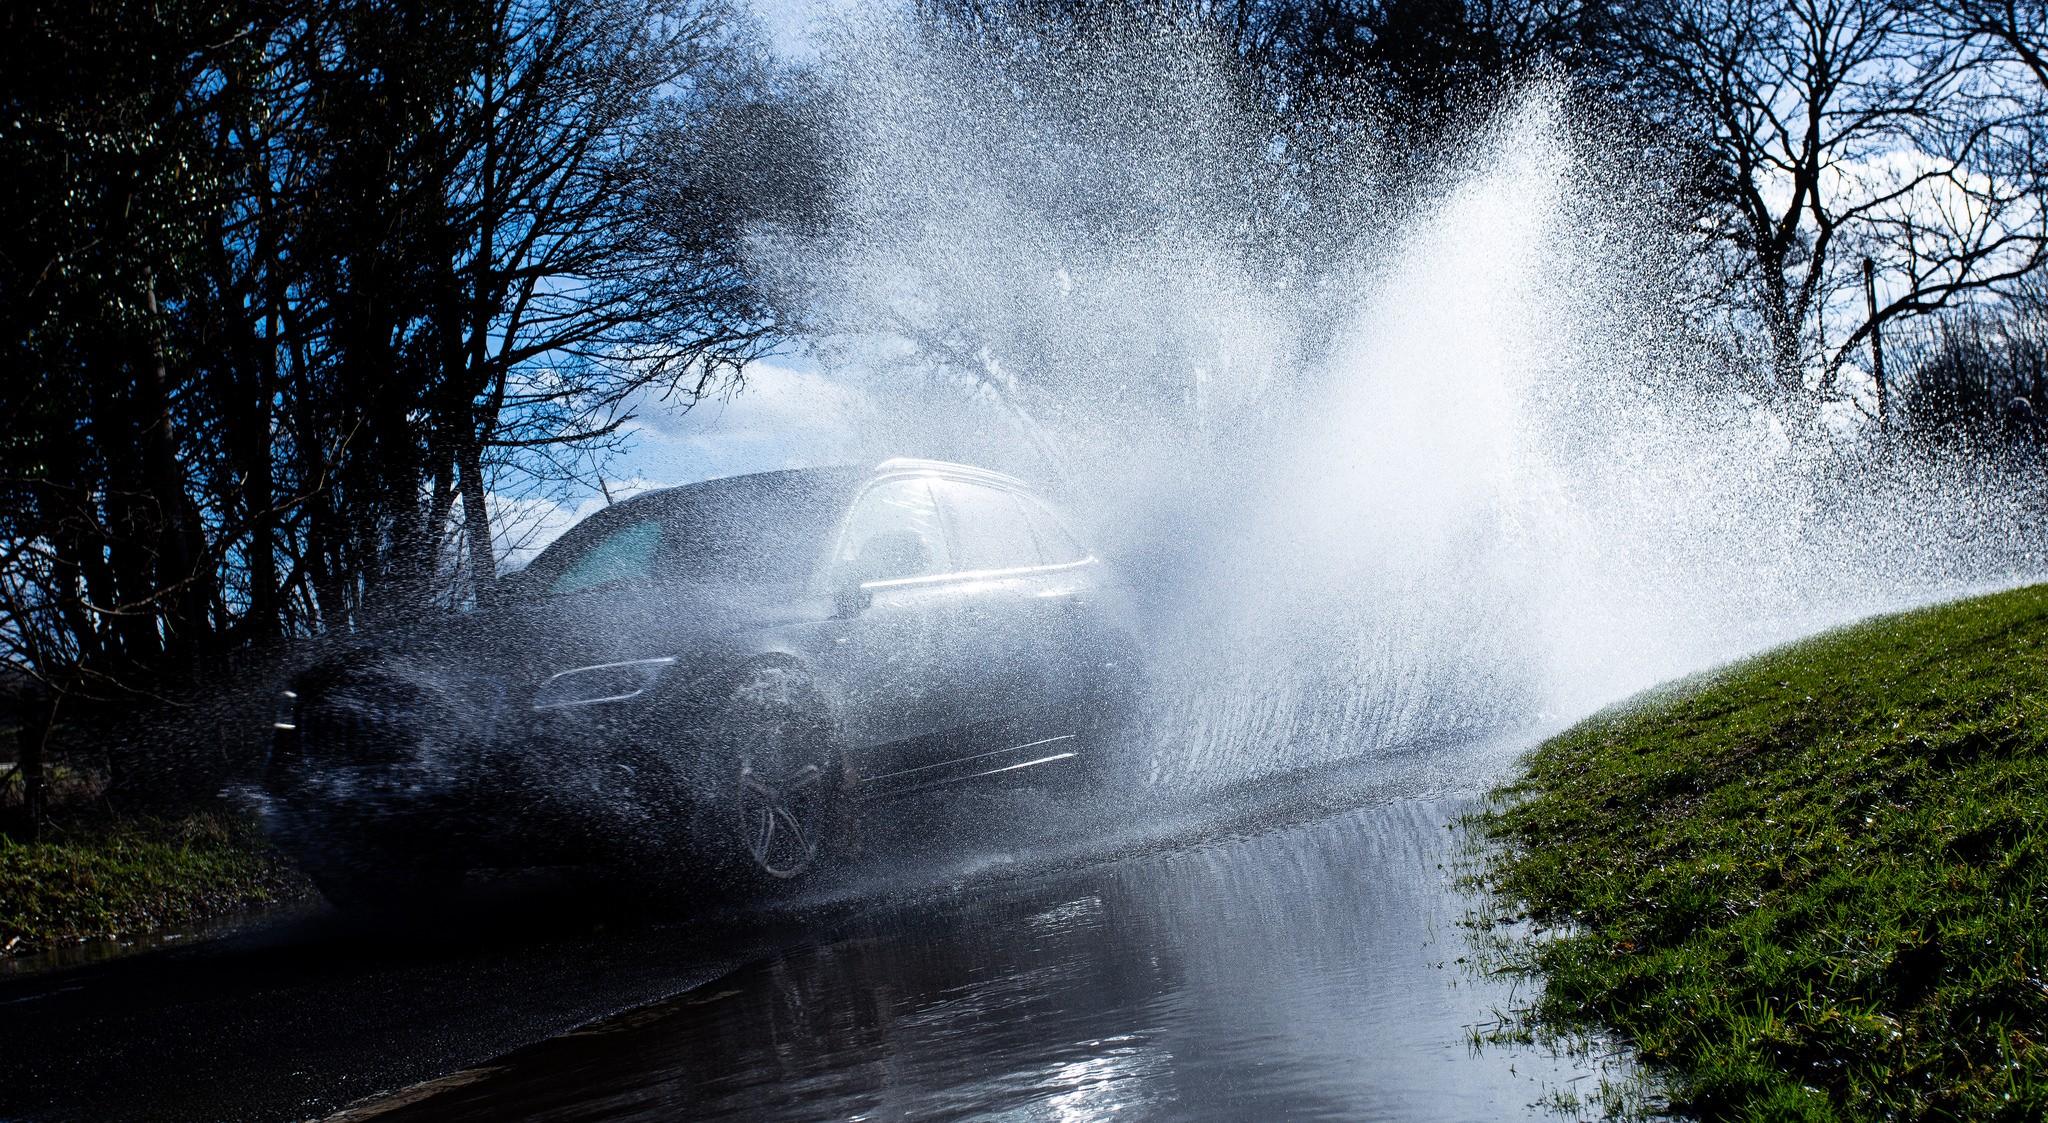 Os pneus e a aquaplanagem